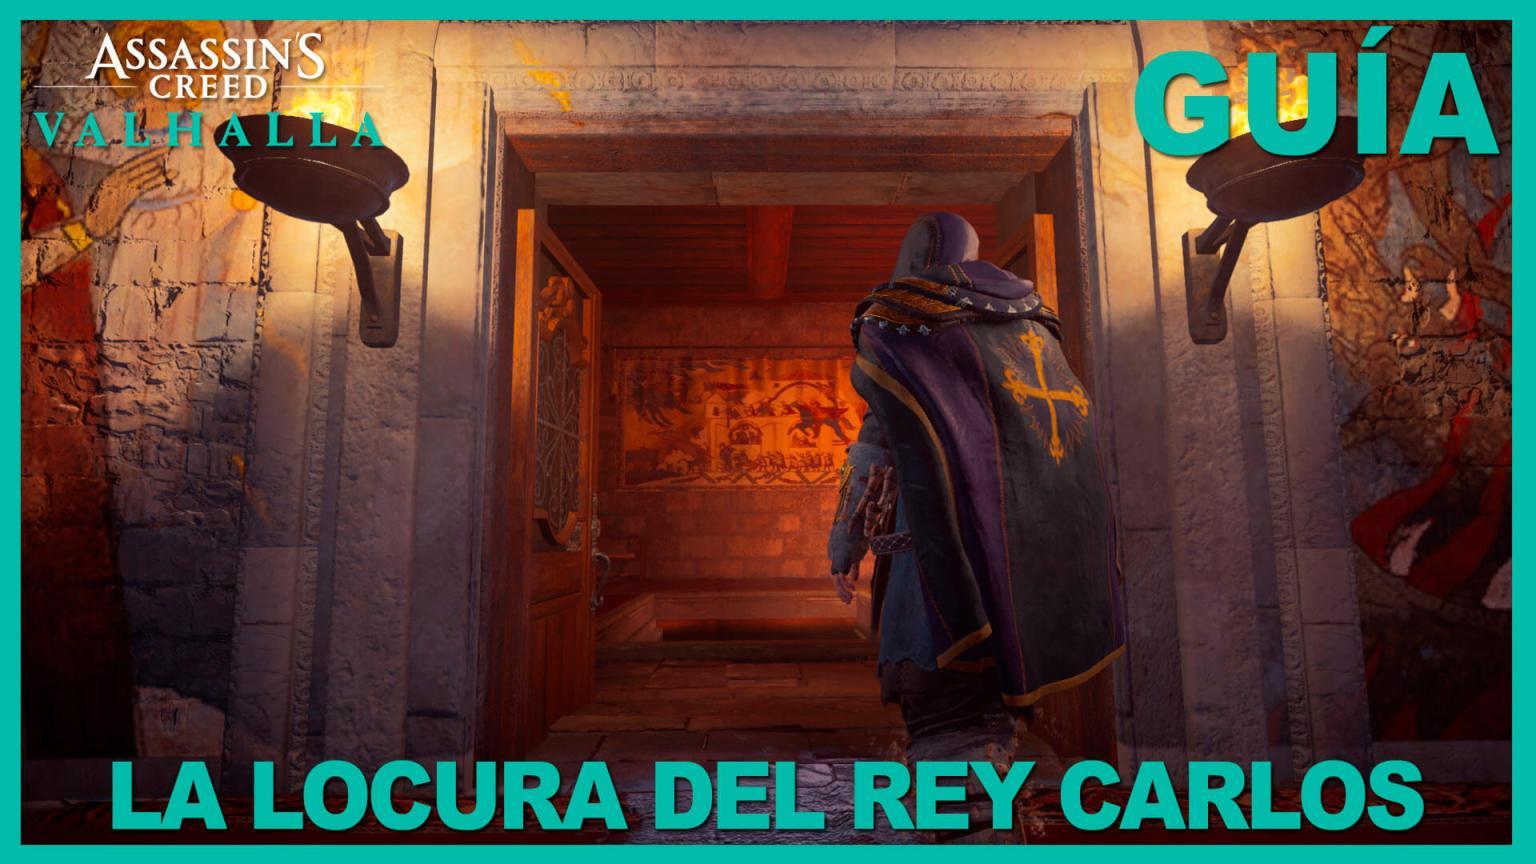 Assassin's Creed Valhalla la locura del rey carlos